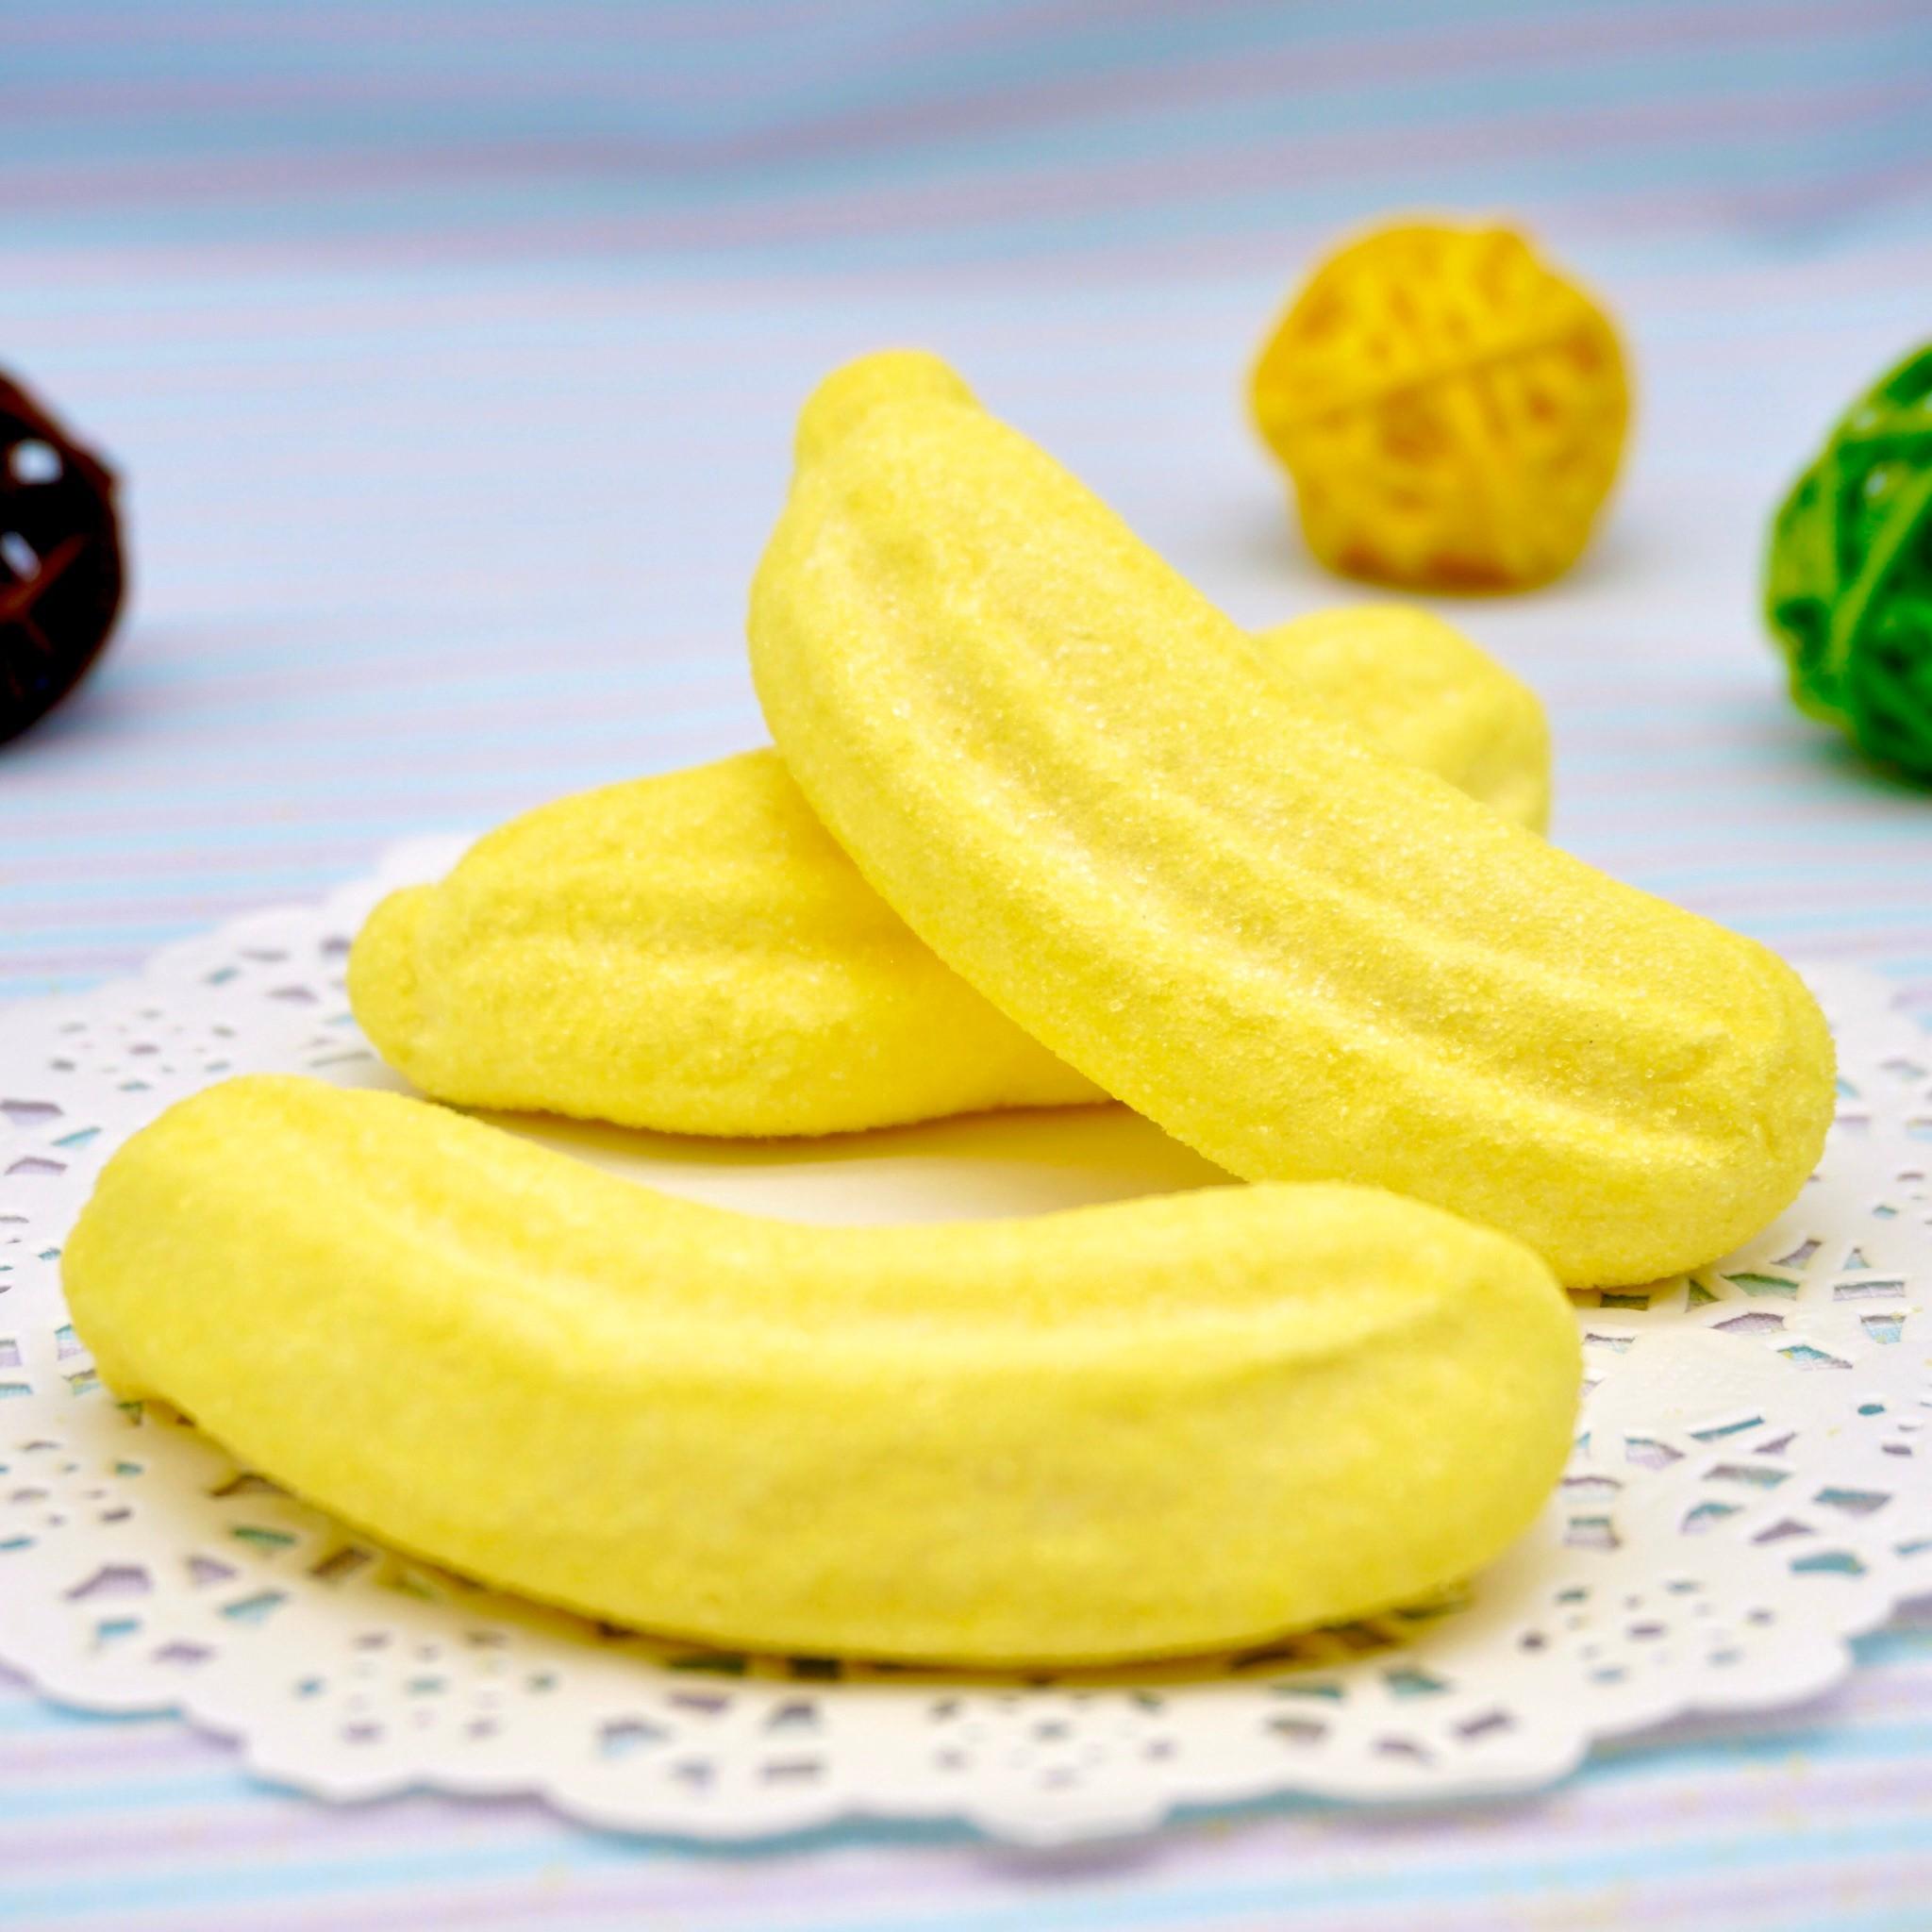 嘴甜甜 寶格麗香蕉棉花糖 200公克 棉花糖系列 芭娜娜 黃色香蕉 棉花糖 義大利 寶格麗 香蕉 草莓 香菇 小花 冰淇淋 現貨